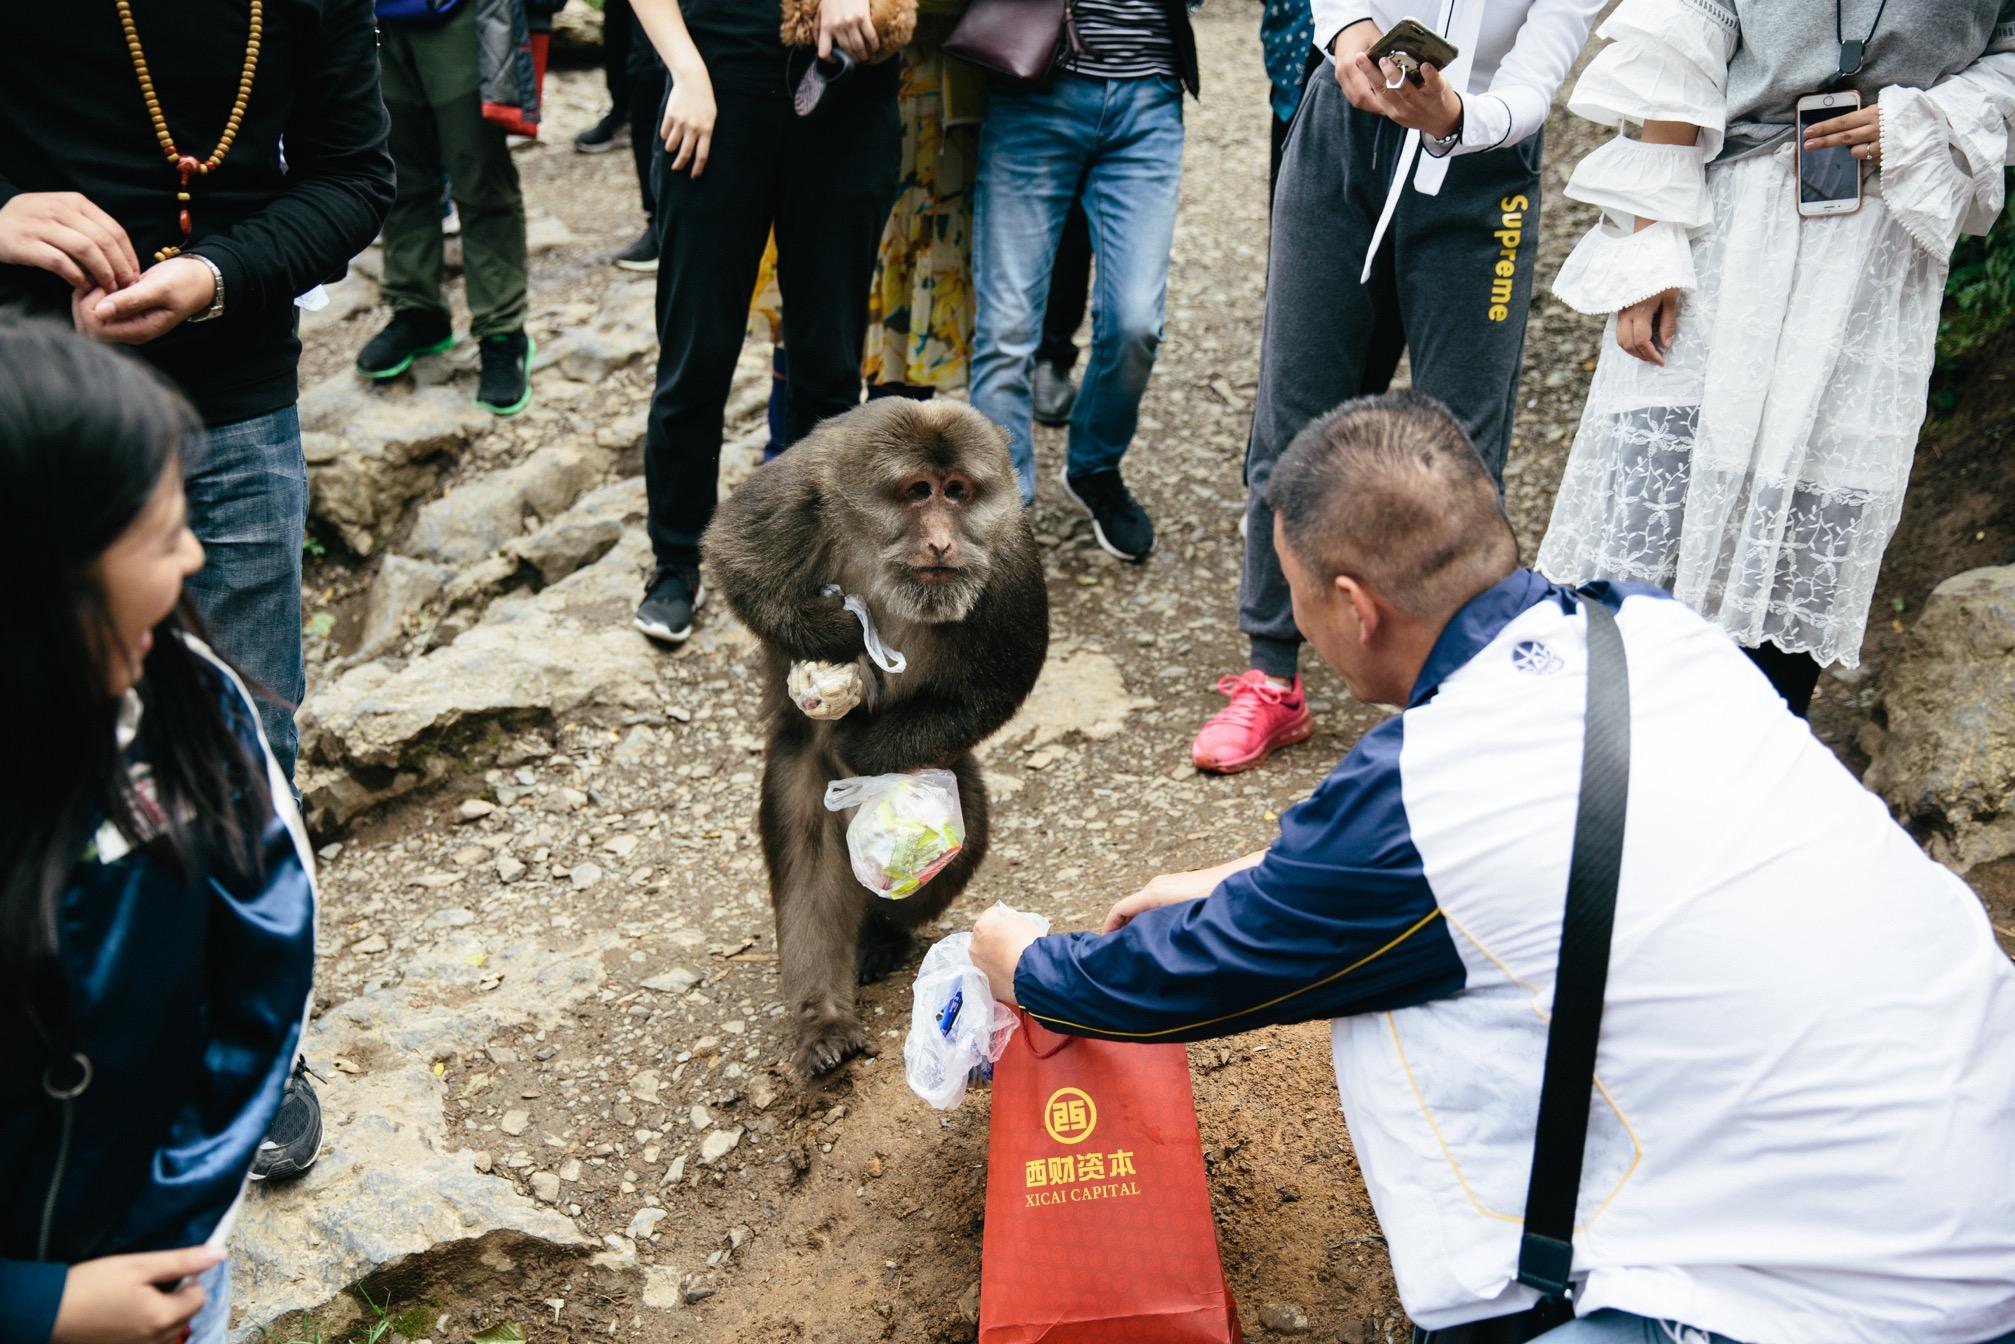 Mount Emei: Attack of the Monkeys?